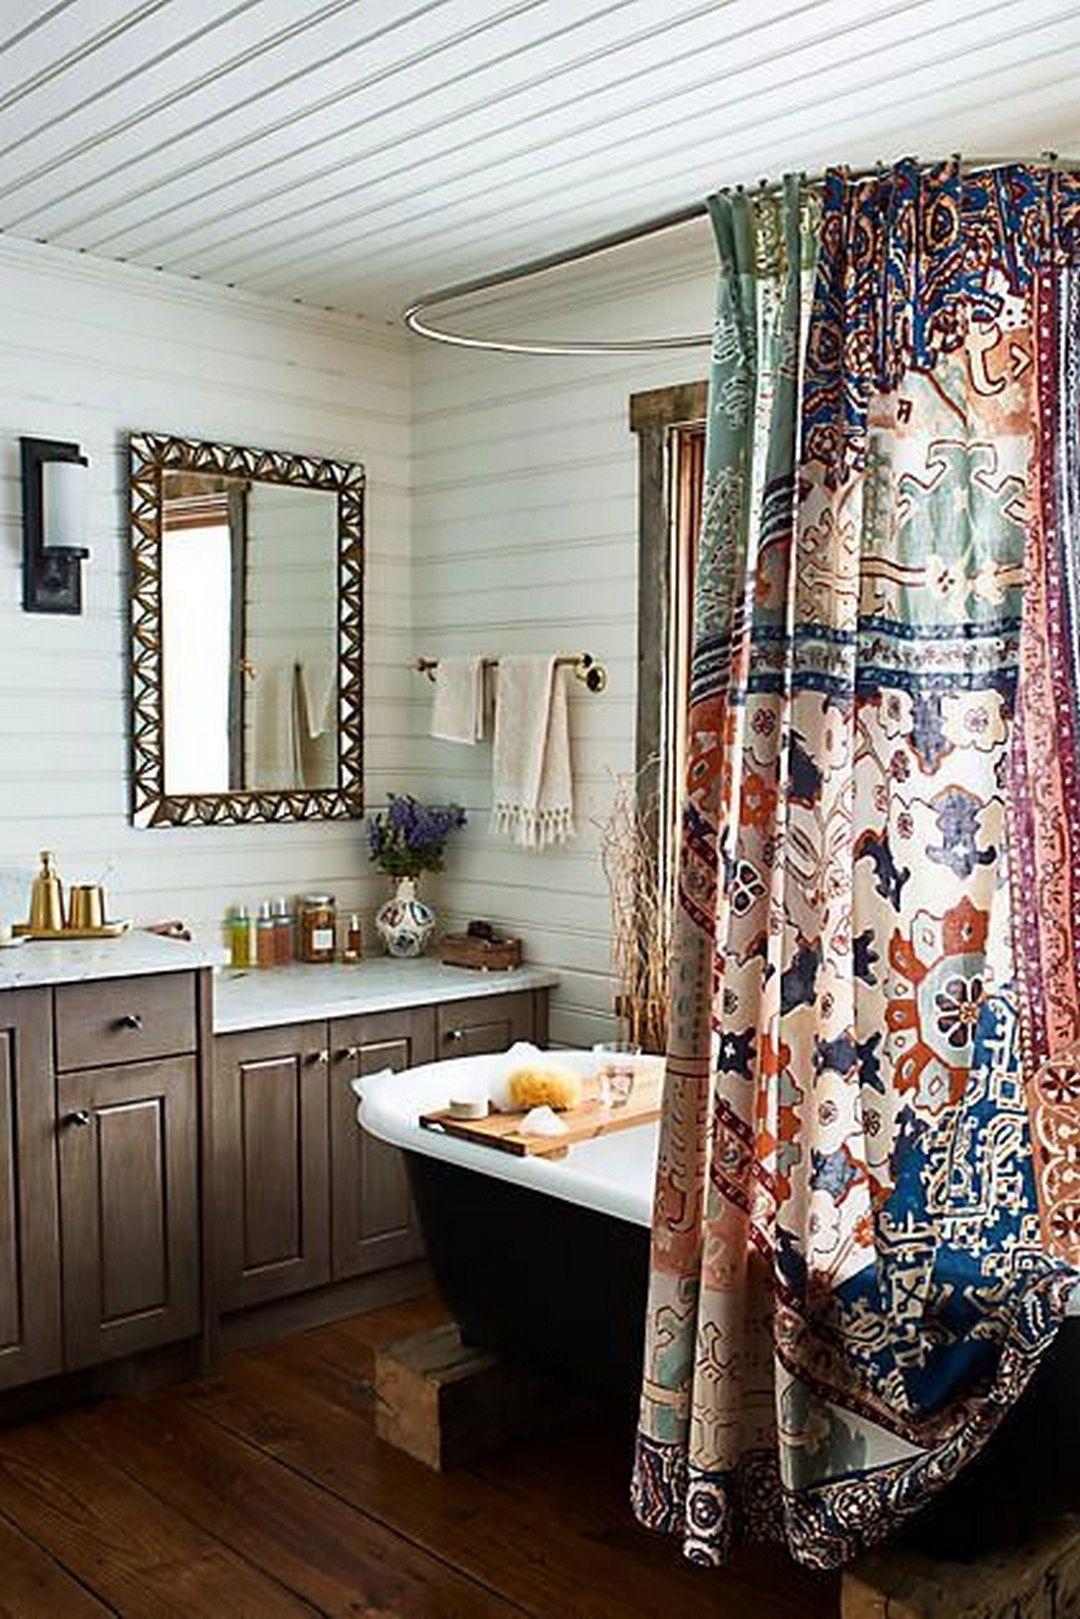 Deco Salle De Bain Boheme ~ 7 Top Bohemian Style Decor Tips With Adorable Interior Ideas Salle